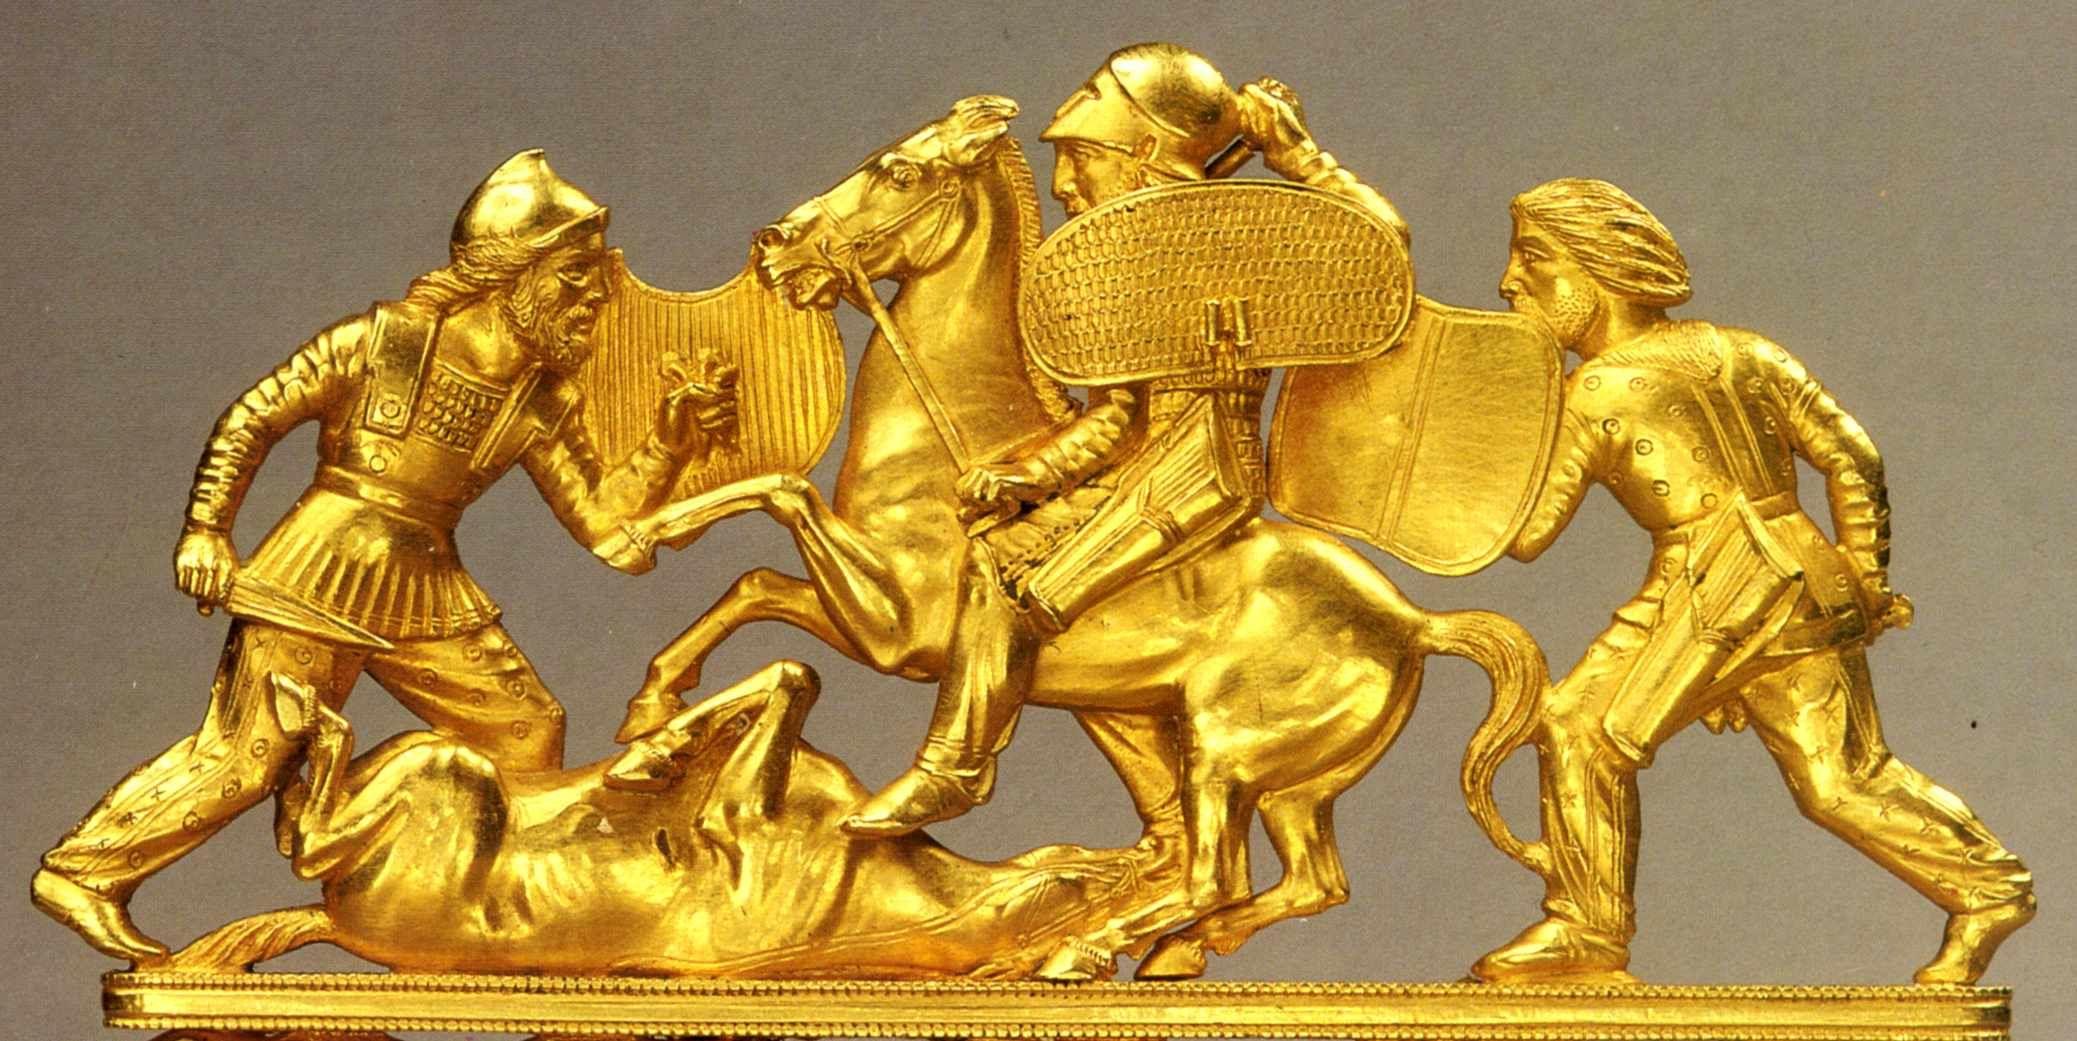 курган солоха сцена війни зворотній бік Ancient Artifacts Ancient Art Ancient Jewelry